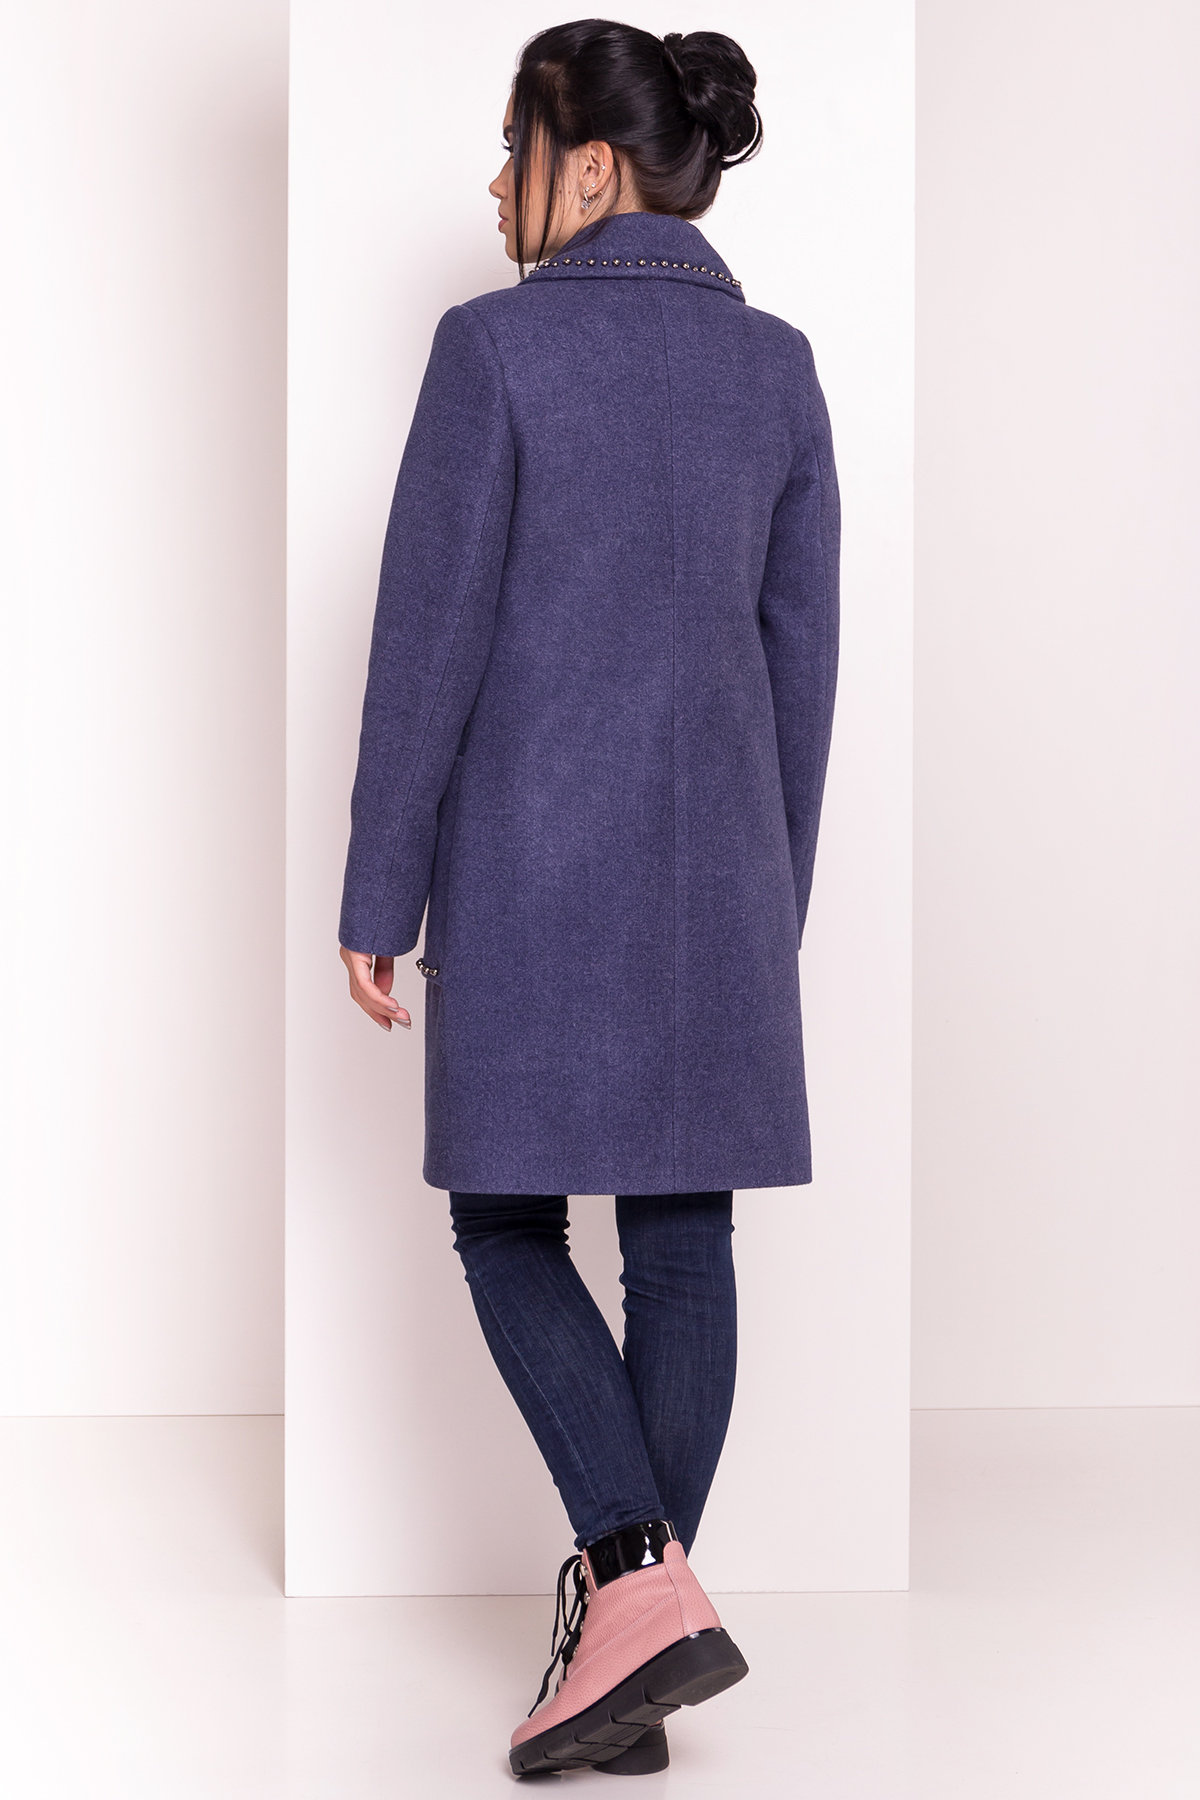 Пальто Кейси 5504 АРТ. 37026 Цвет: Джинс - фото 5, интернет магазин tm-modus.ru